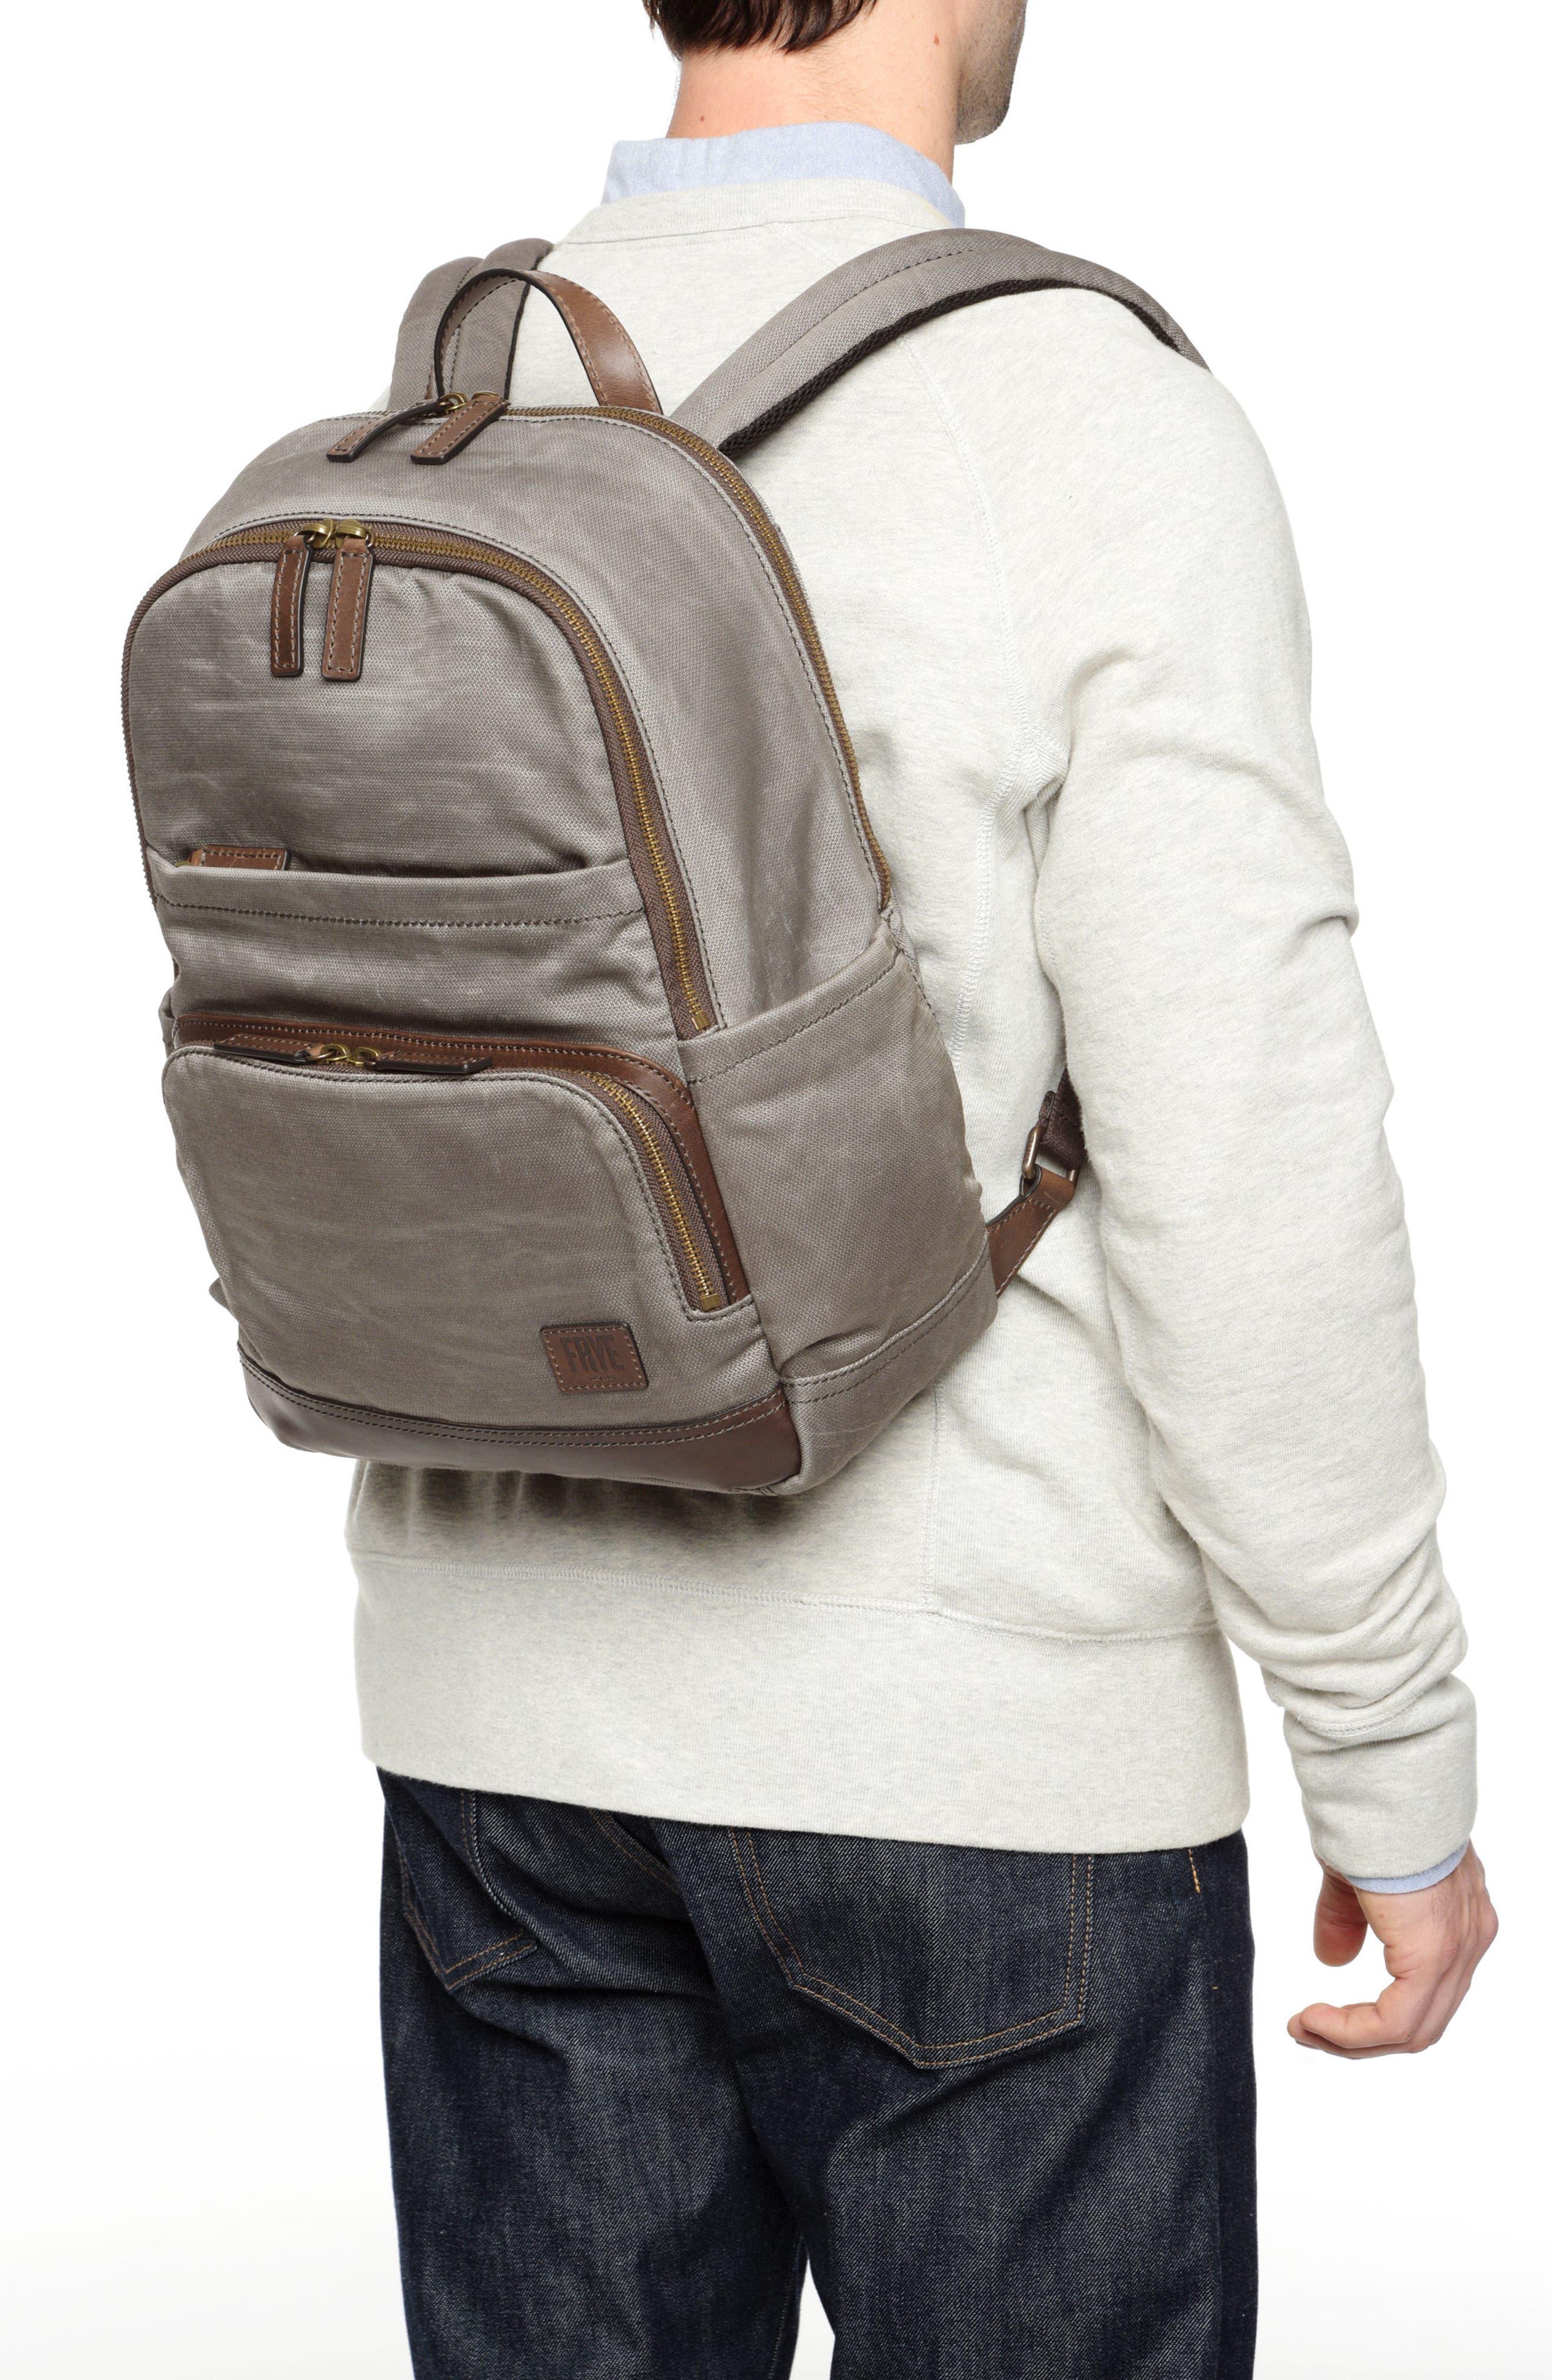 Carter Backpack,                             Alternate thumbnail 2, color,                             Slate